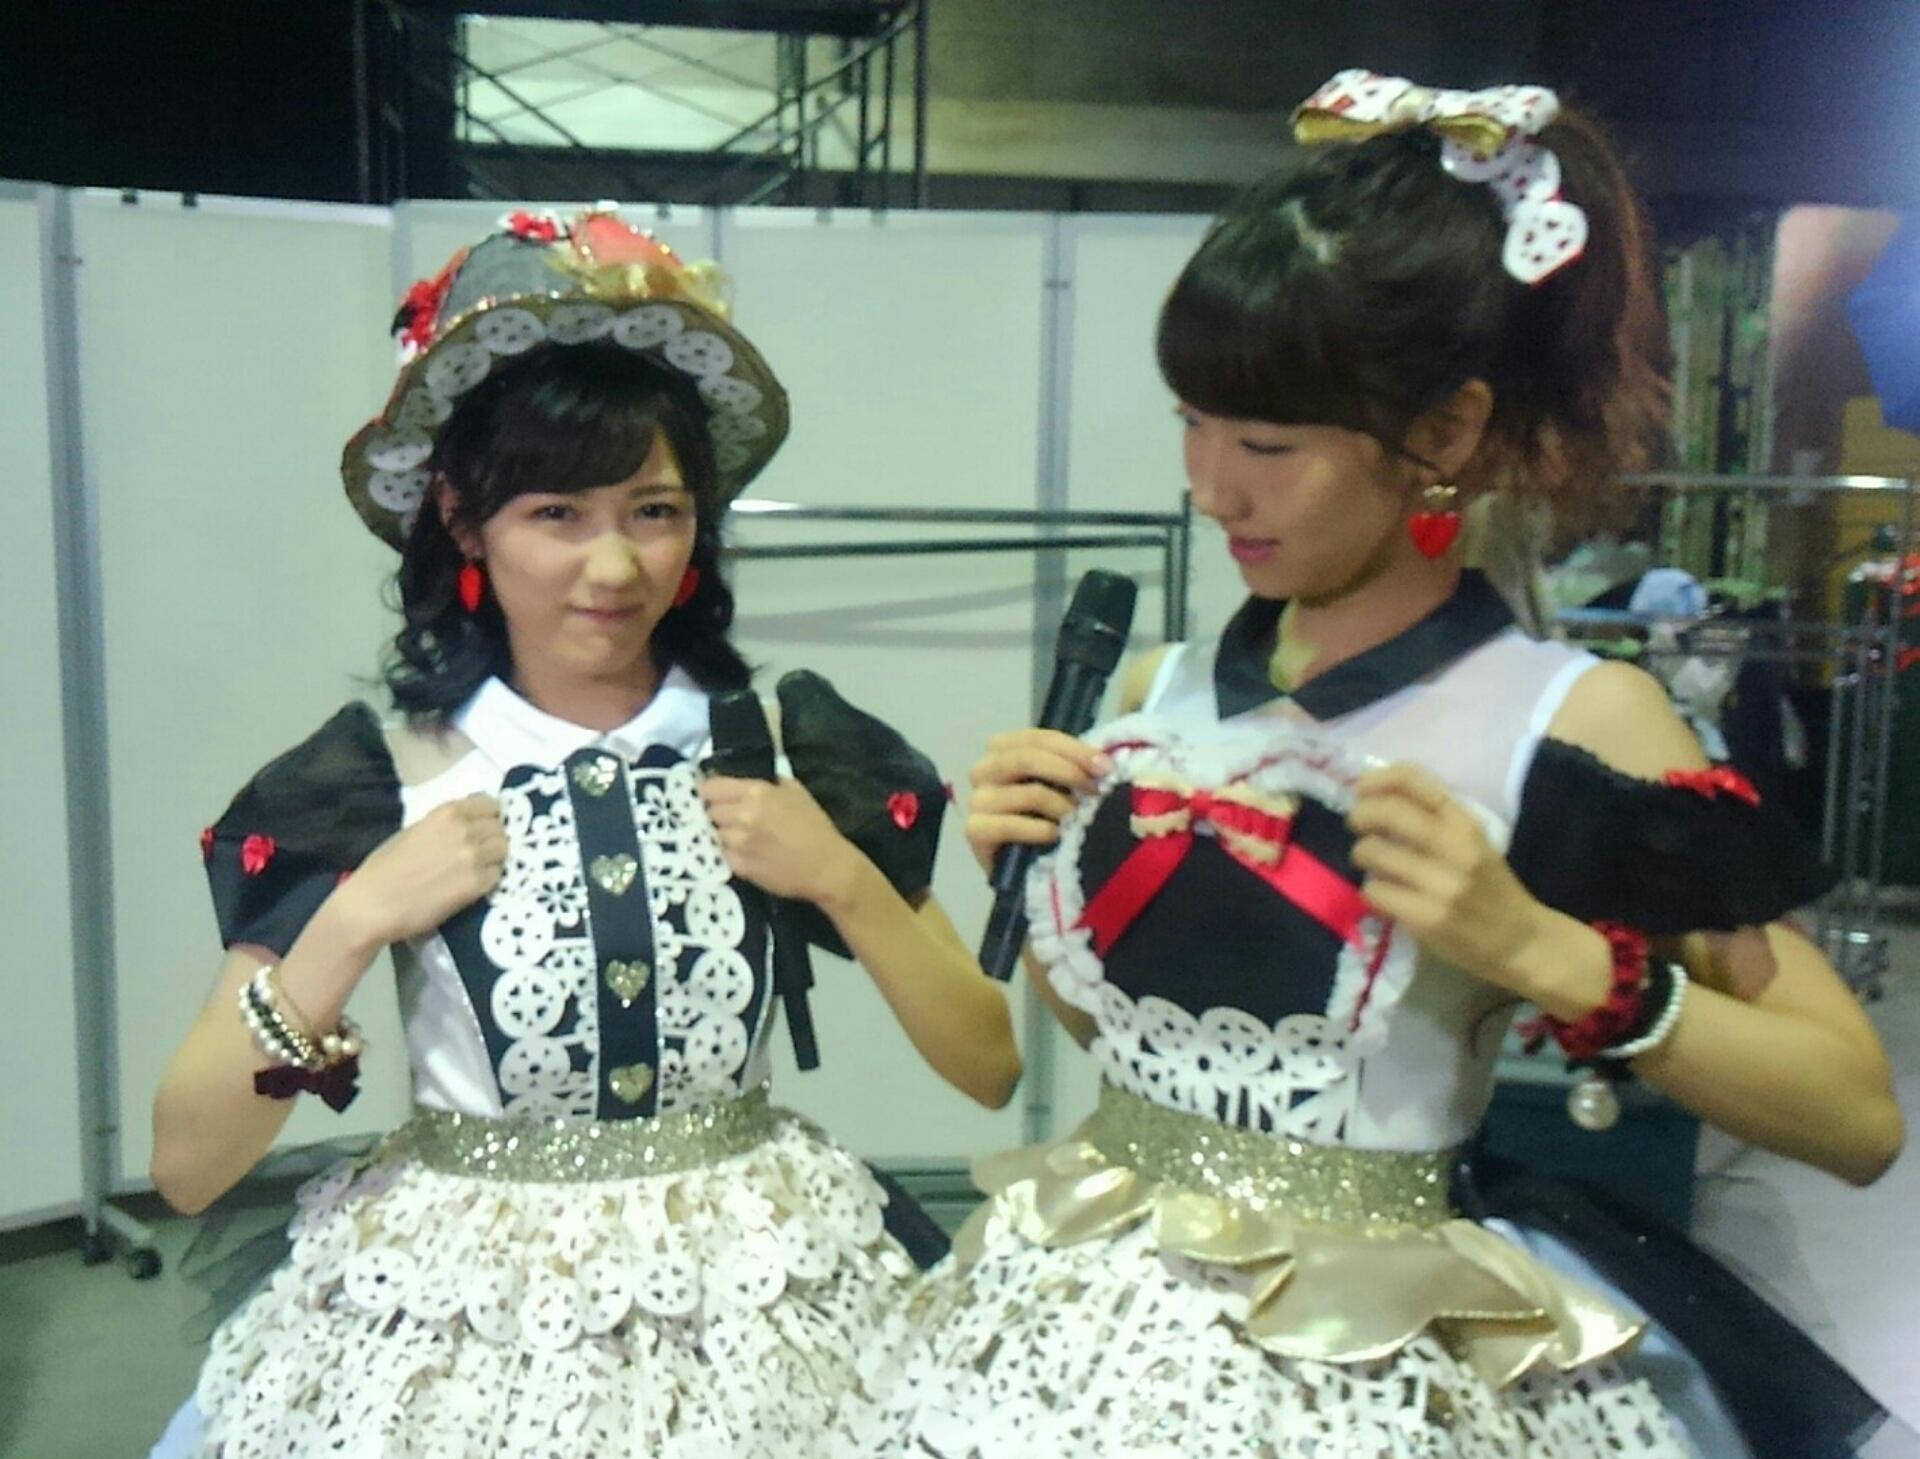 ▼▲ 別冊AKB48★まゆゆこと渡辺麻友ちゃんが可愛いお知らせvol.541 ▼▲©2ch.netYouTube動画>90本 ->画像>595枚